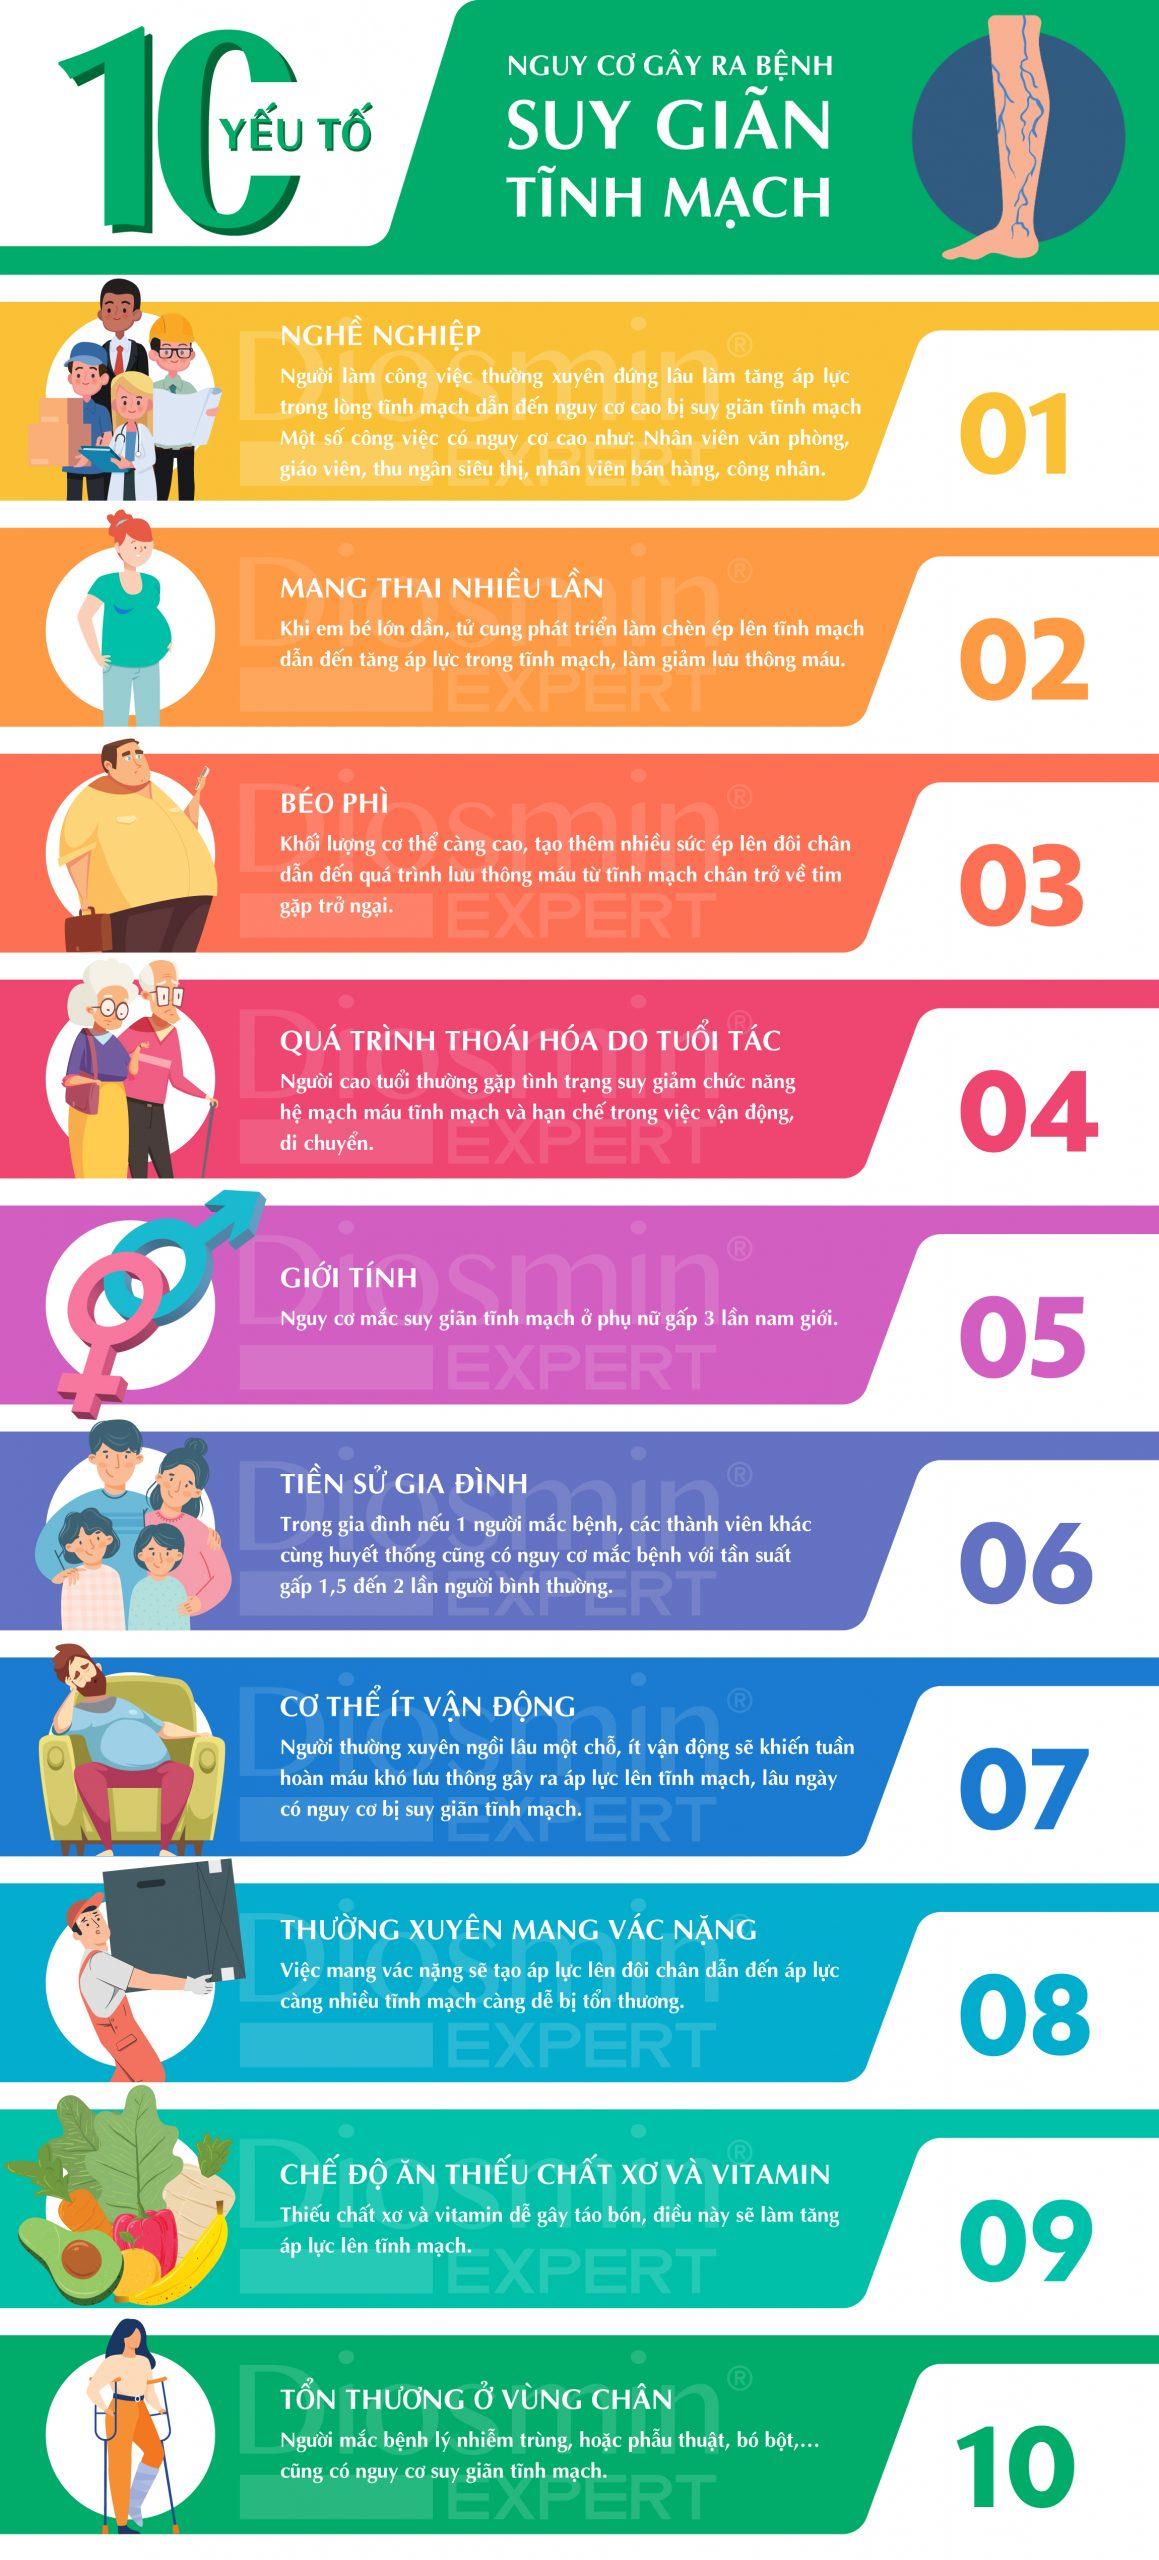 Top 10 yếu tố nguy cơ gây ra bệnh suy giãn tĩnh mạch